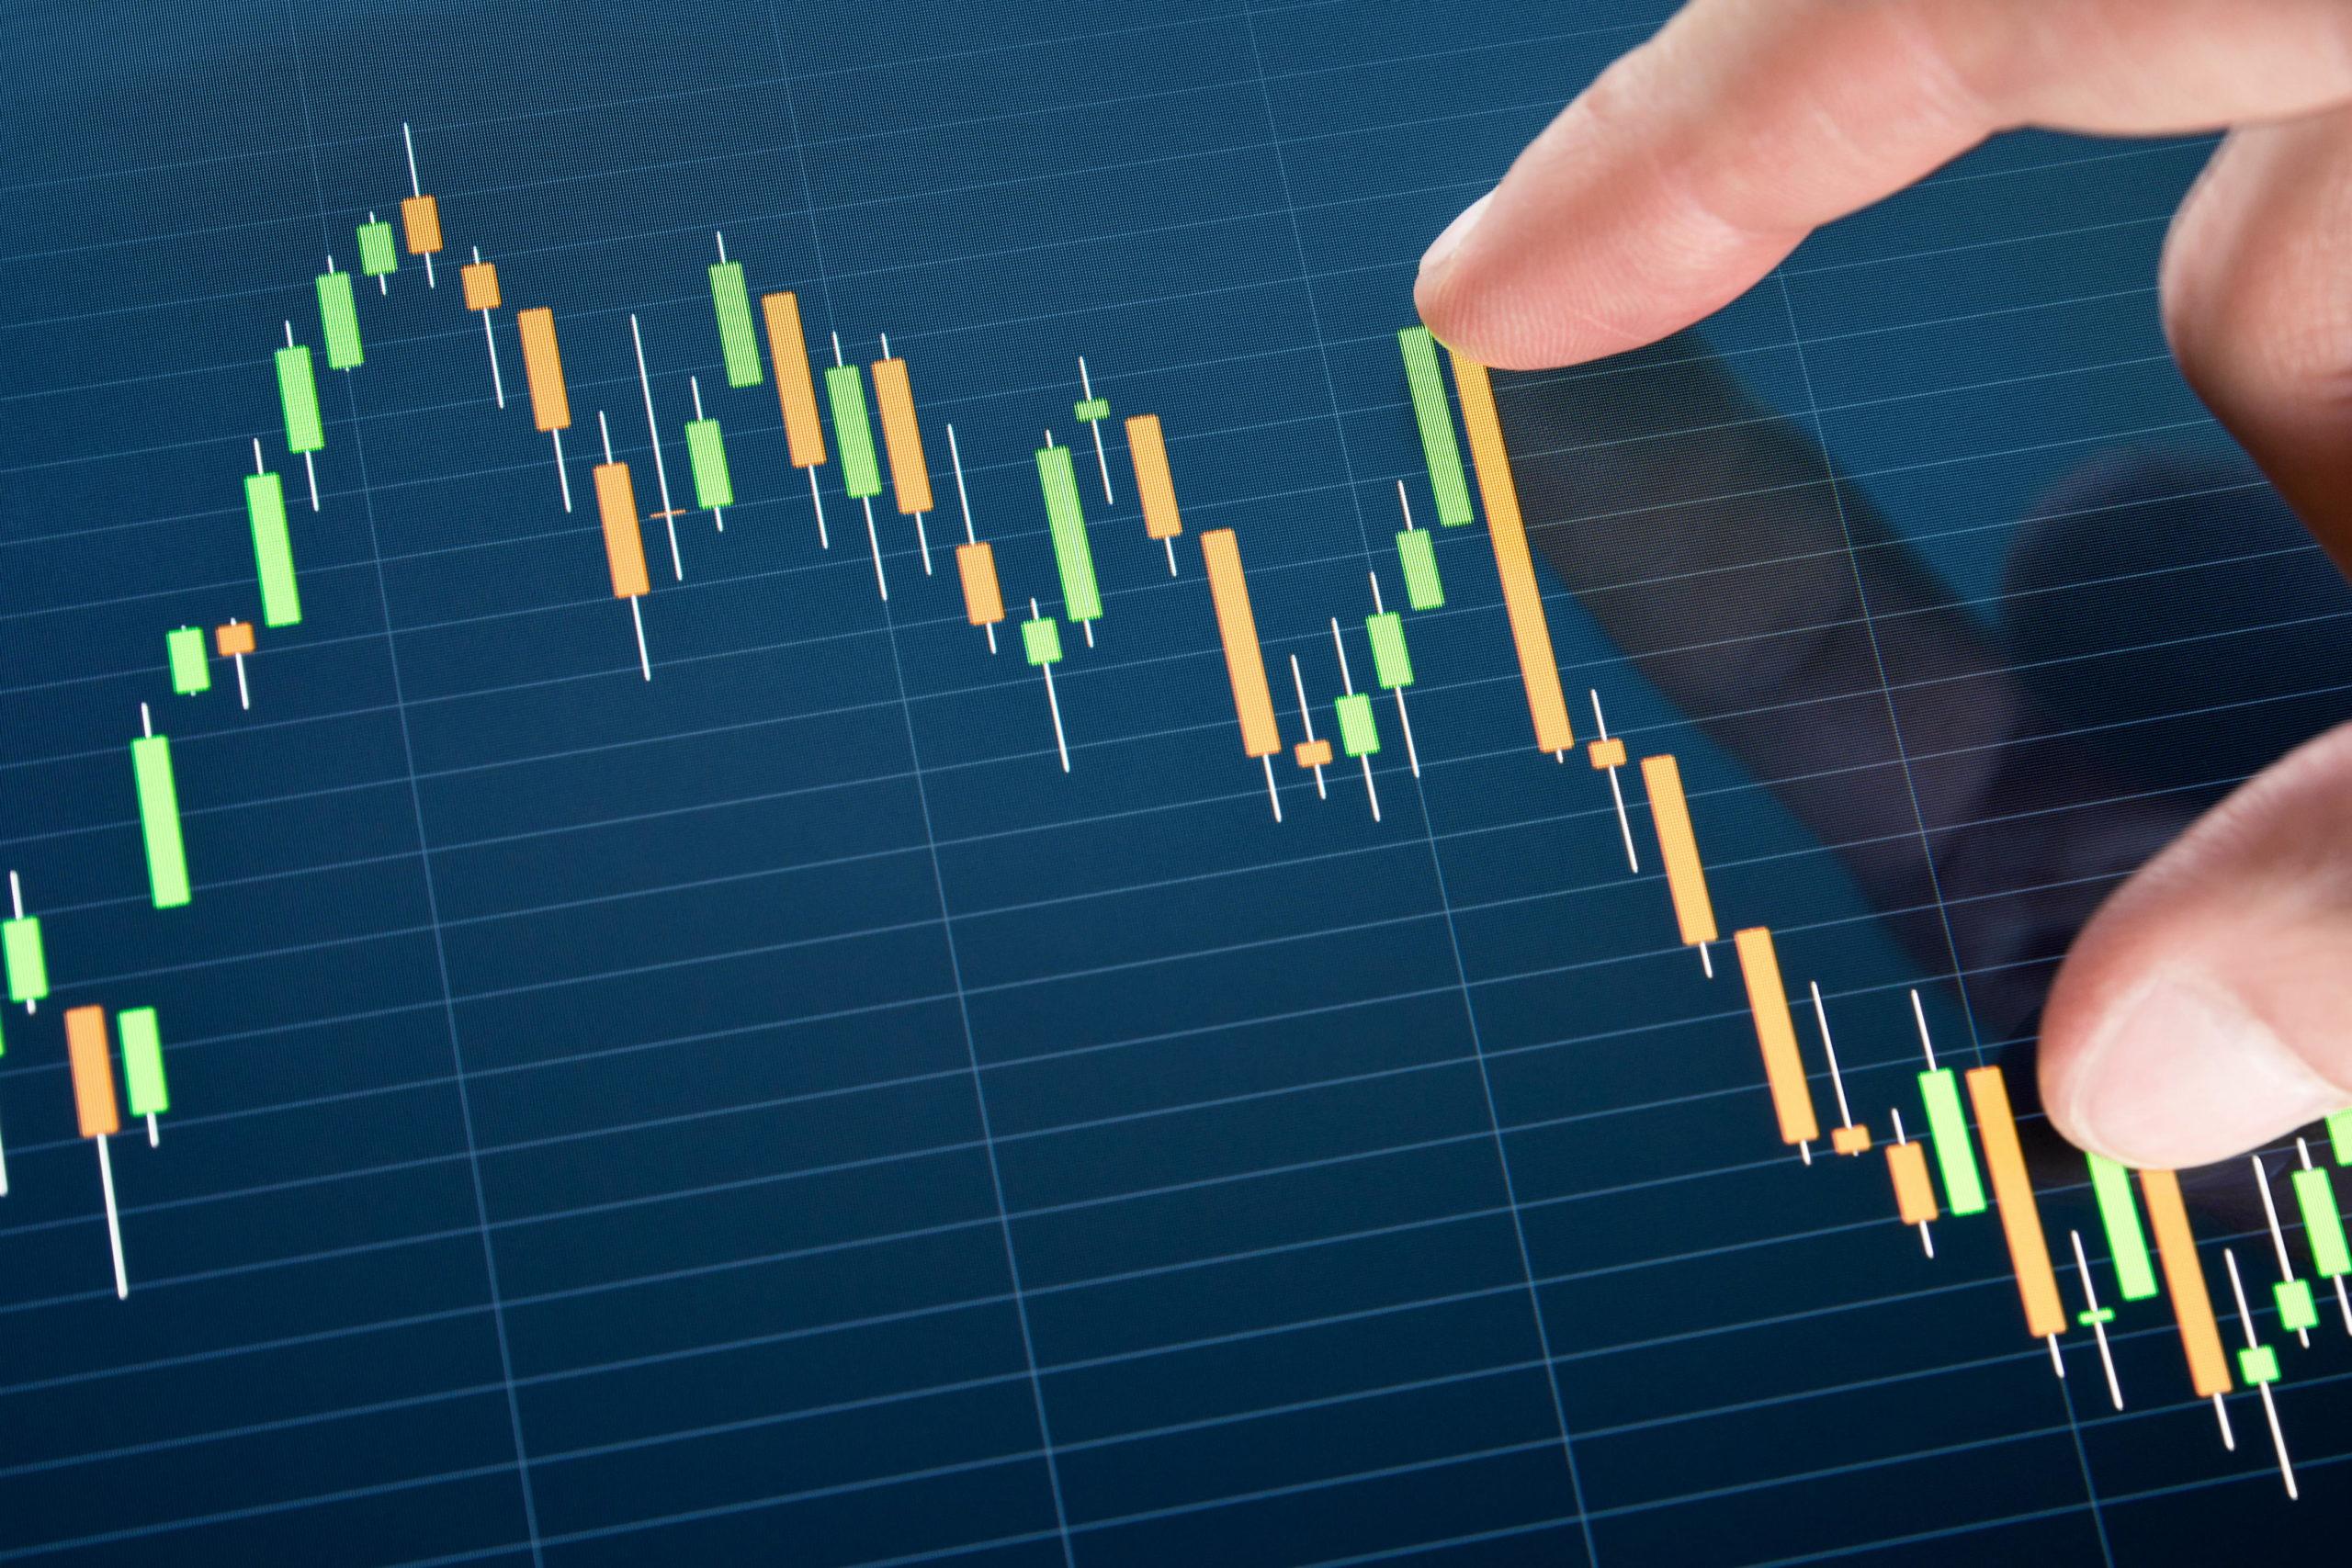 bitcoin btc yeniden 50 000 dolar ethereum eth cardano ada uniswap uni ripple xrp ve chainlinkte link son durum 1